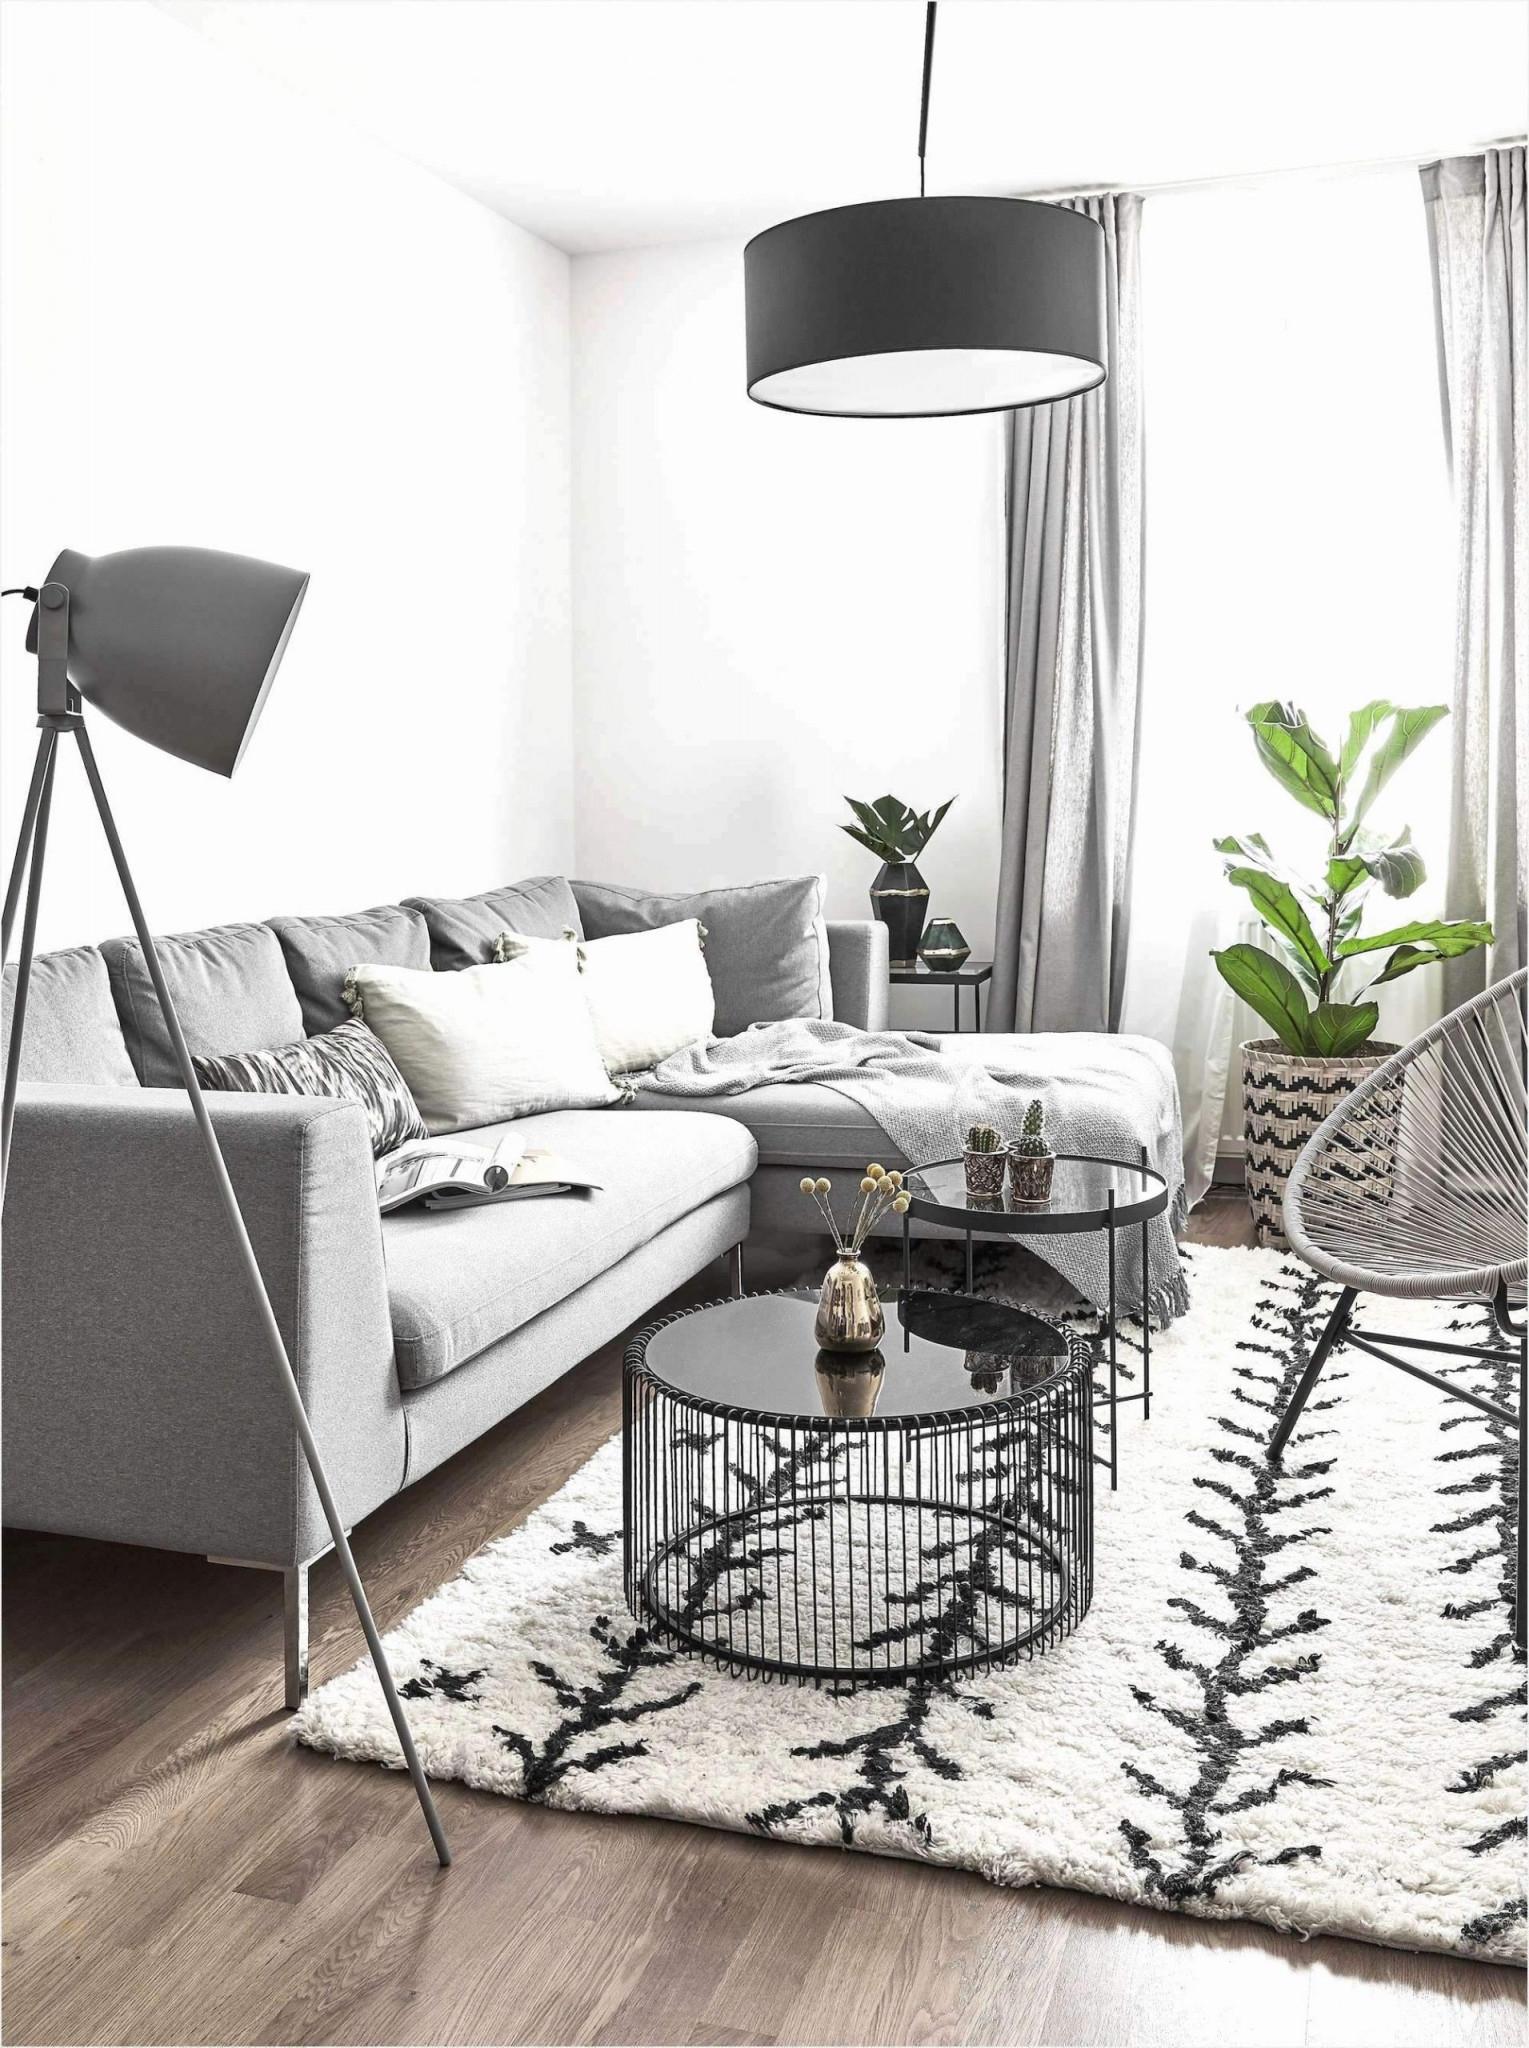 Wohnzimmer Deko Selber Machen Elegant 50 Schön Deko Ideen von Ideen Deko Wohnzimmer Bild